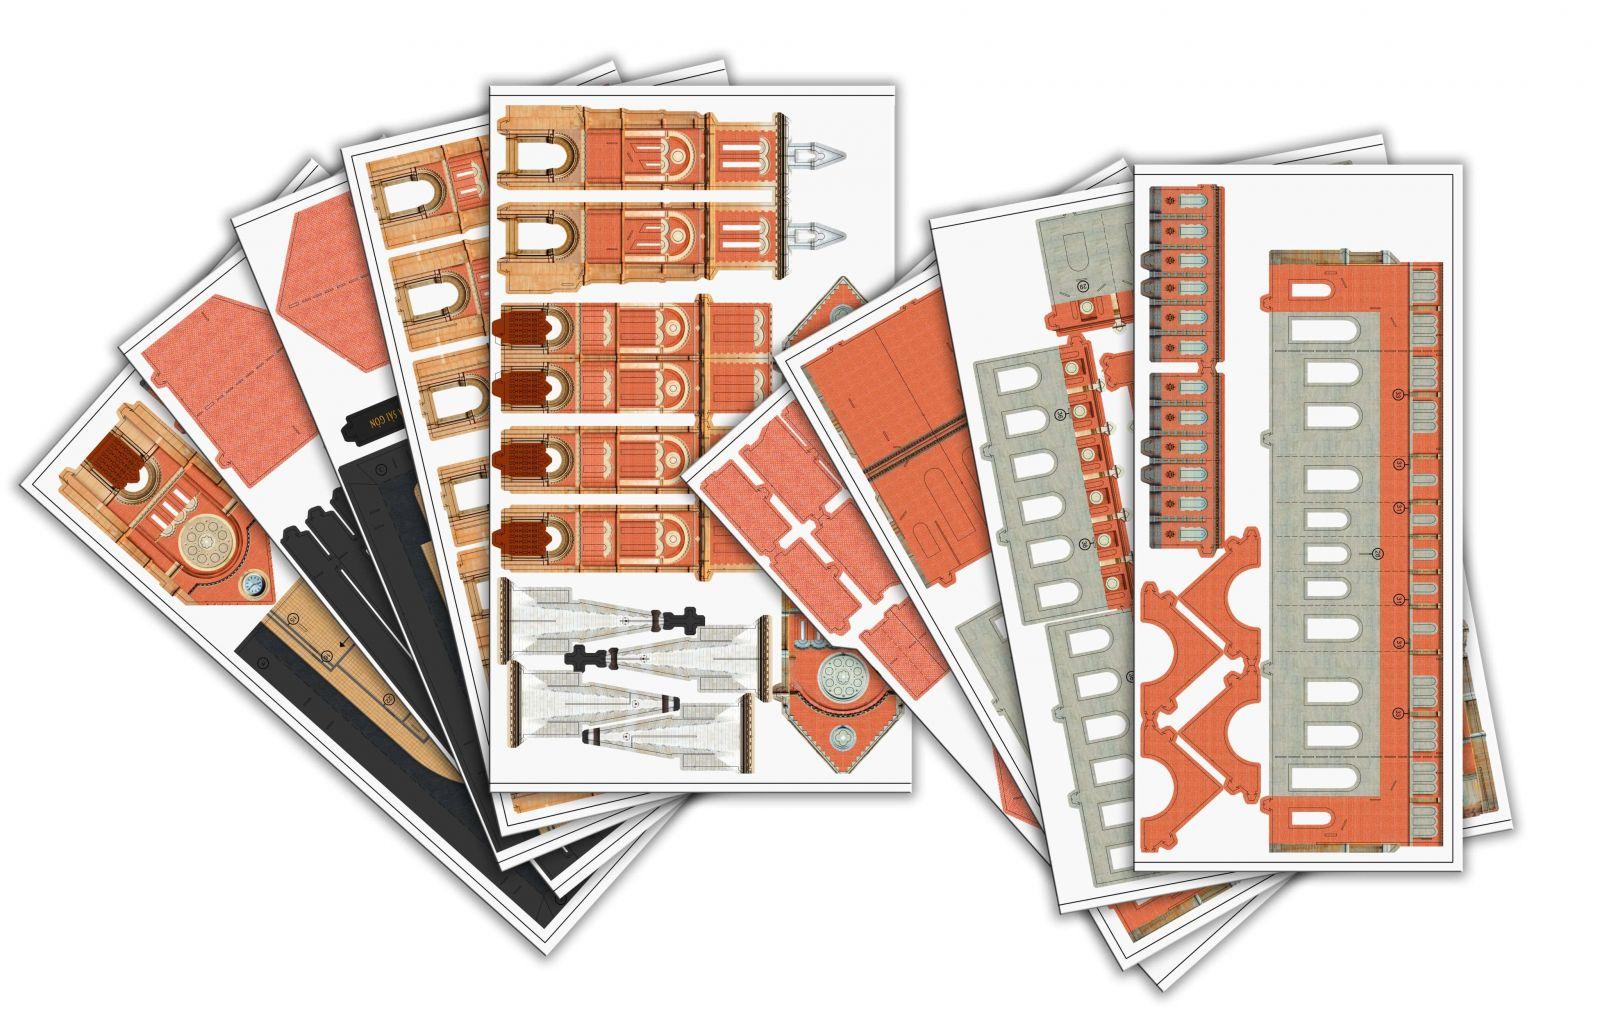 Bộ kit Mô hình giấy 3D TAYTA được cắt laser sắc sảo, nằm gọn gàng.